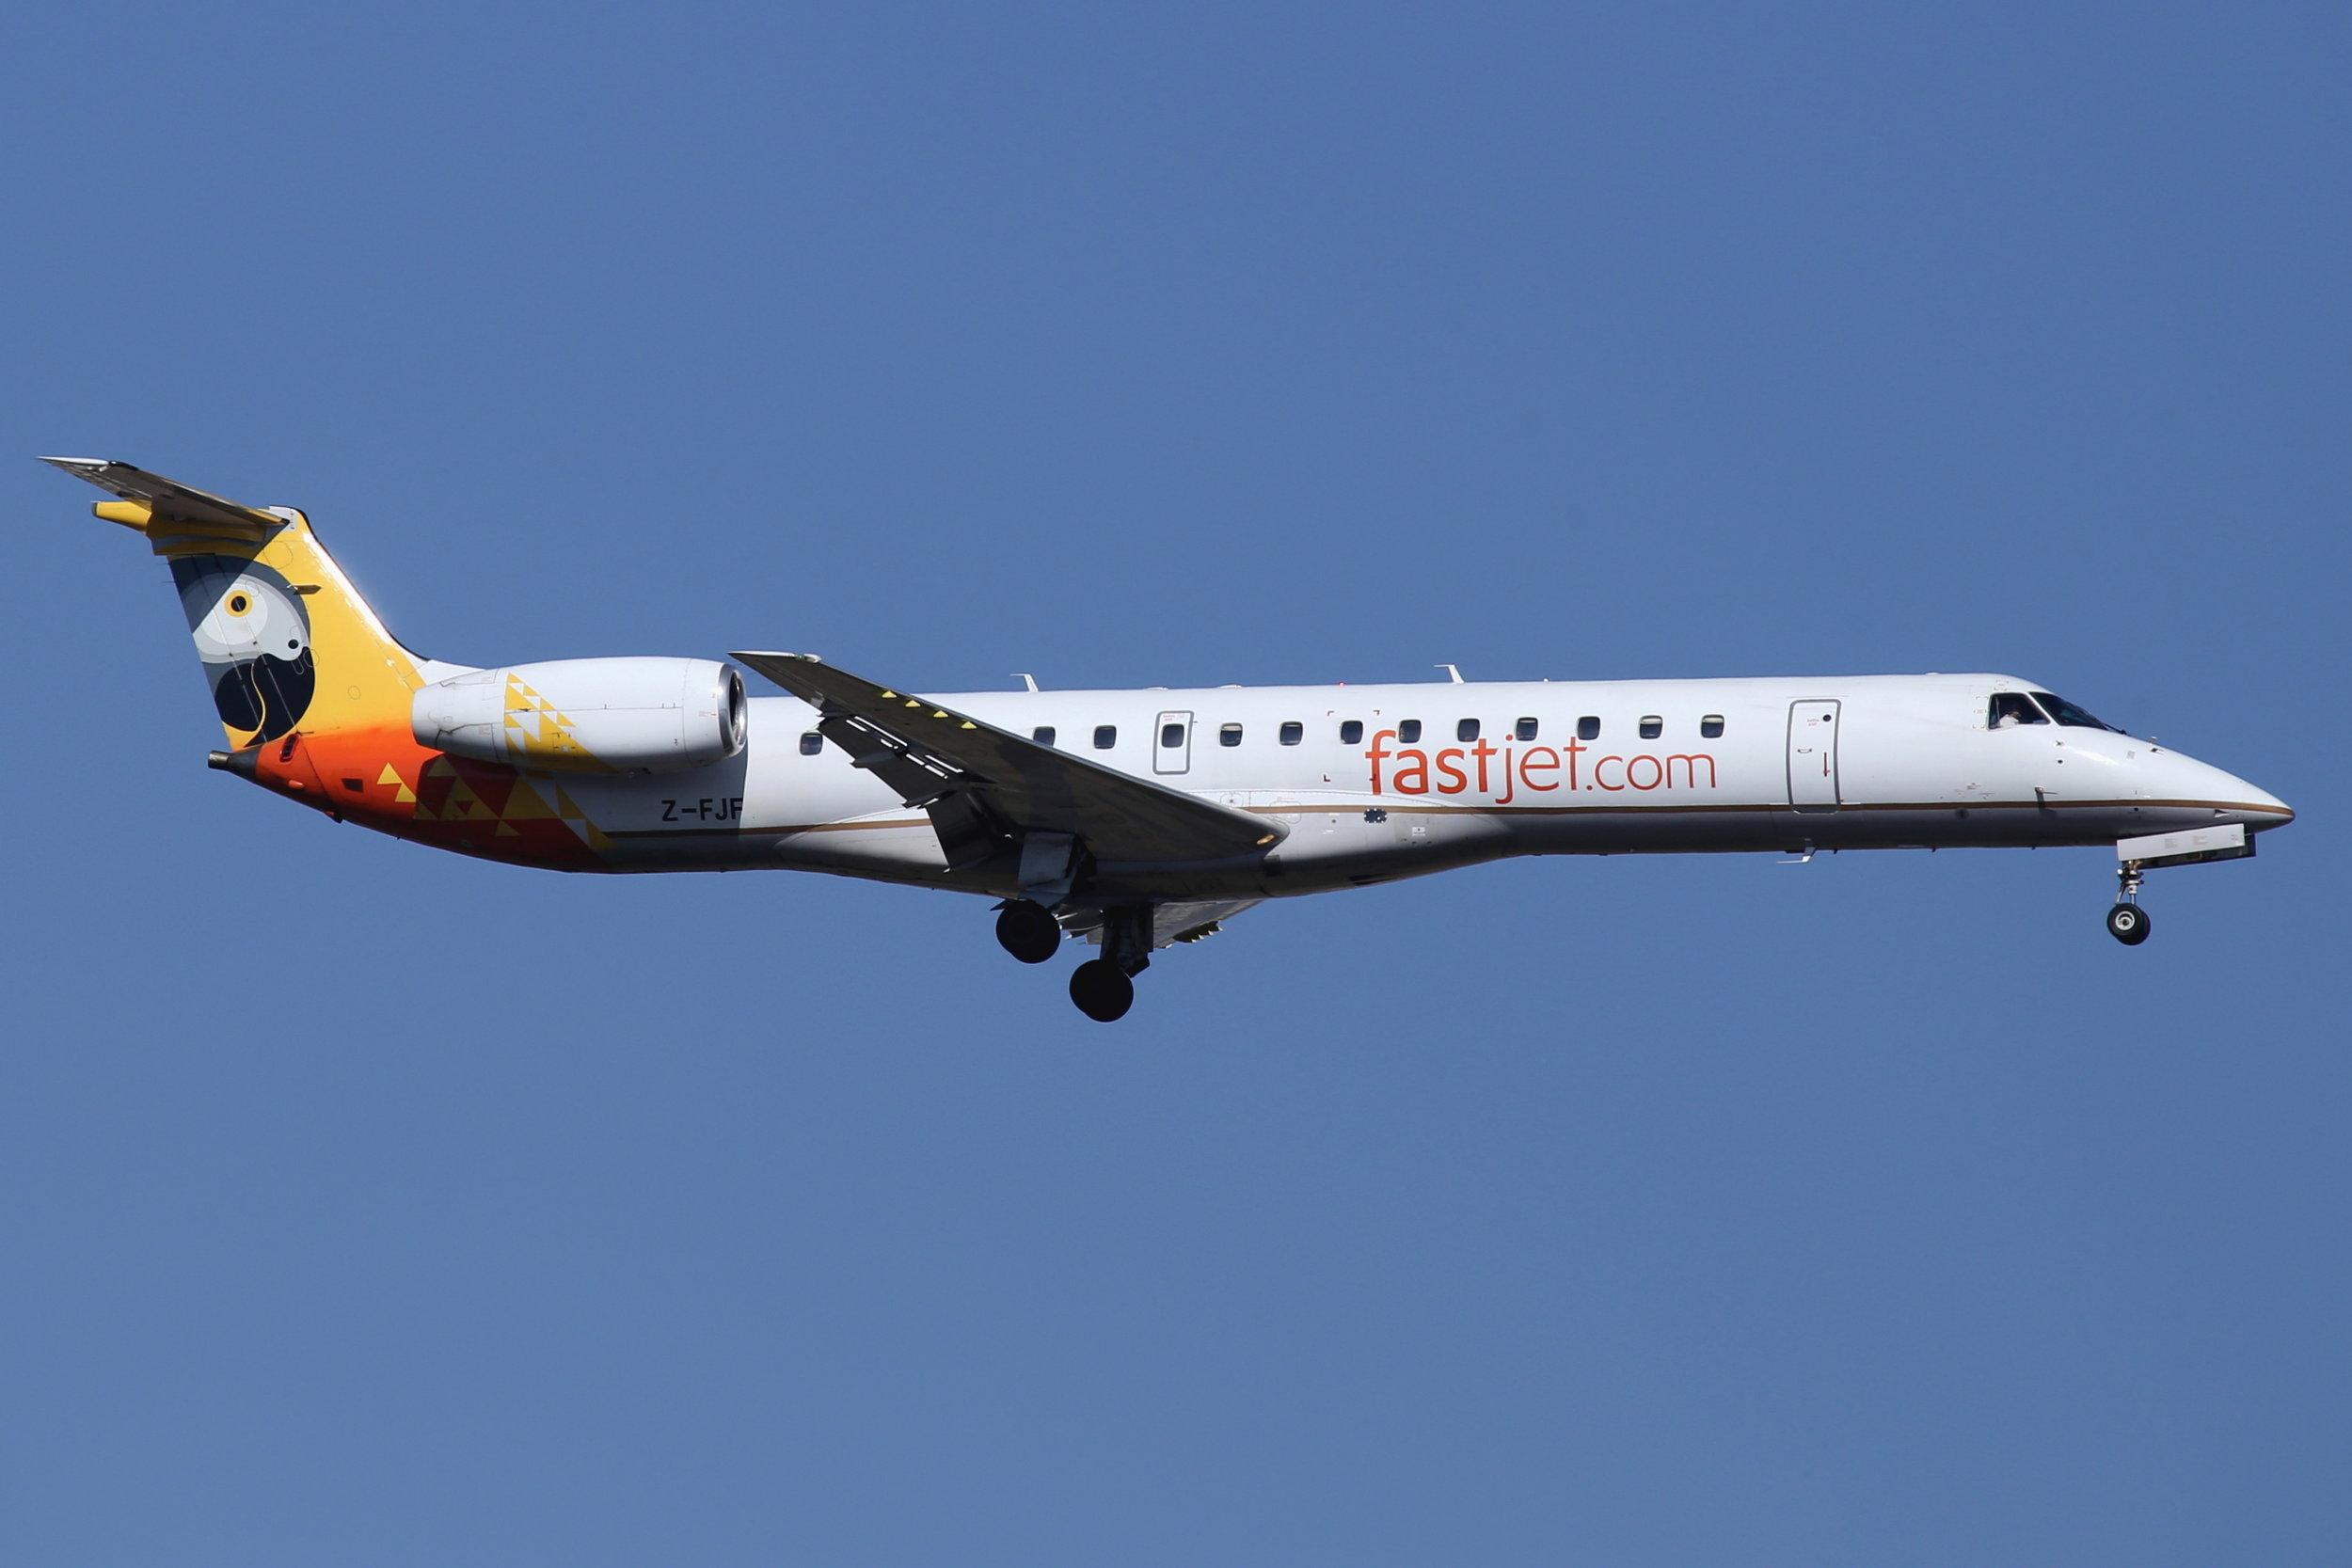 Z-FJF Fastjet Embraer 145 taken at Johannesburg 10th November 2018 by John Wood